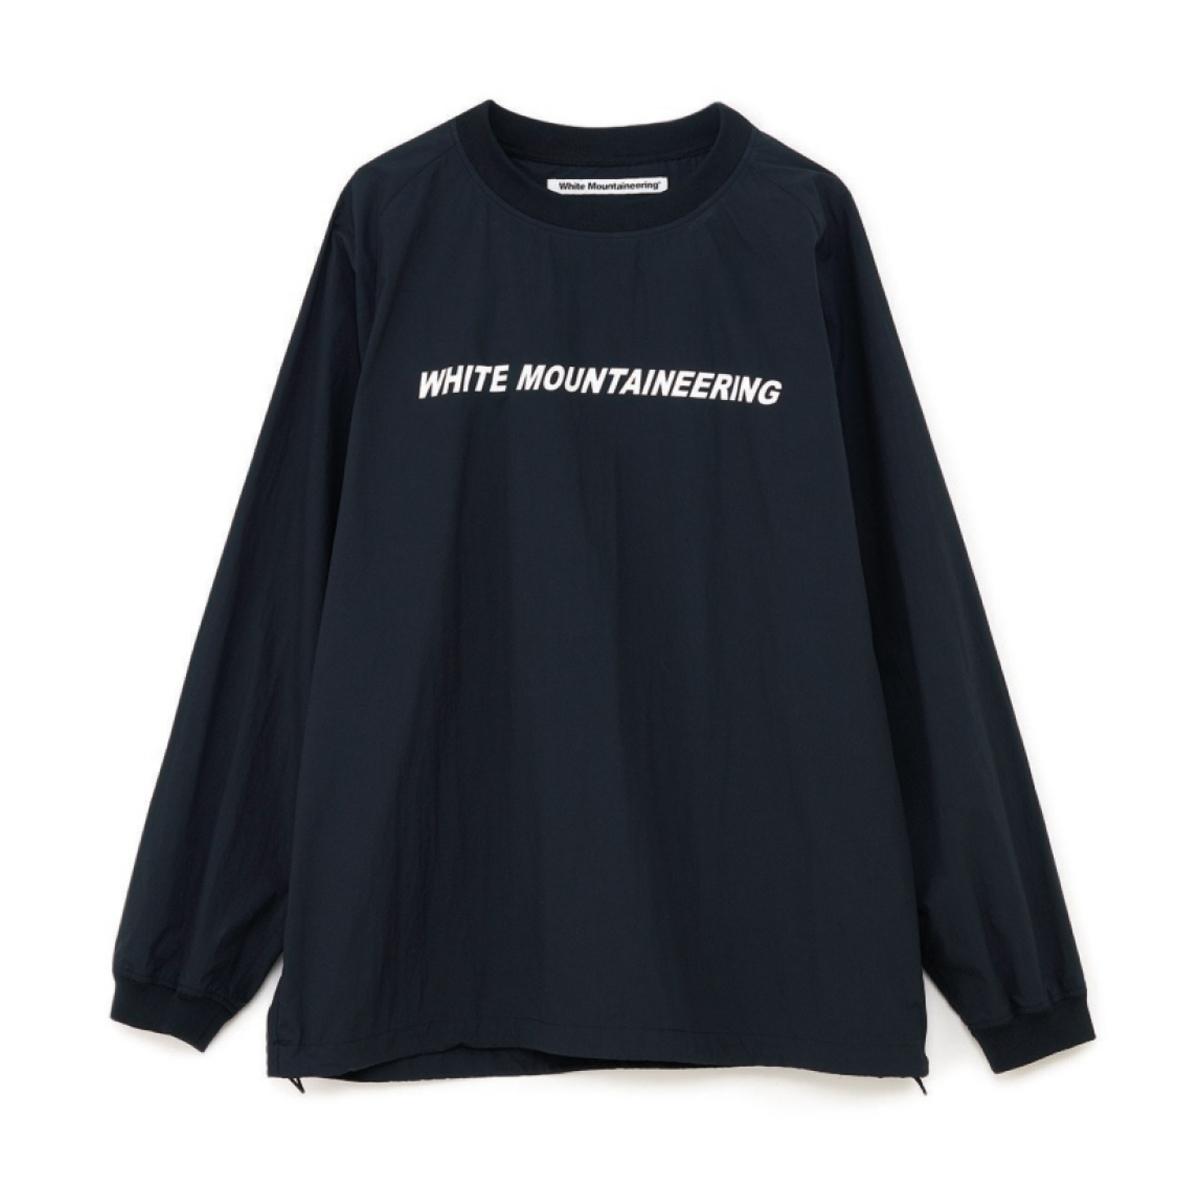 WHITE MOUNTAINEERING ¥26,000